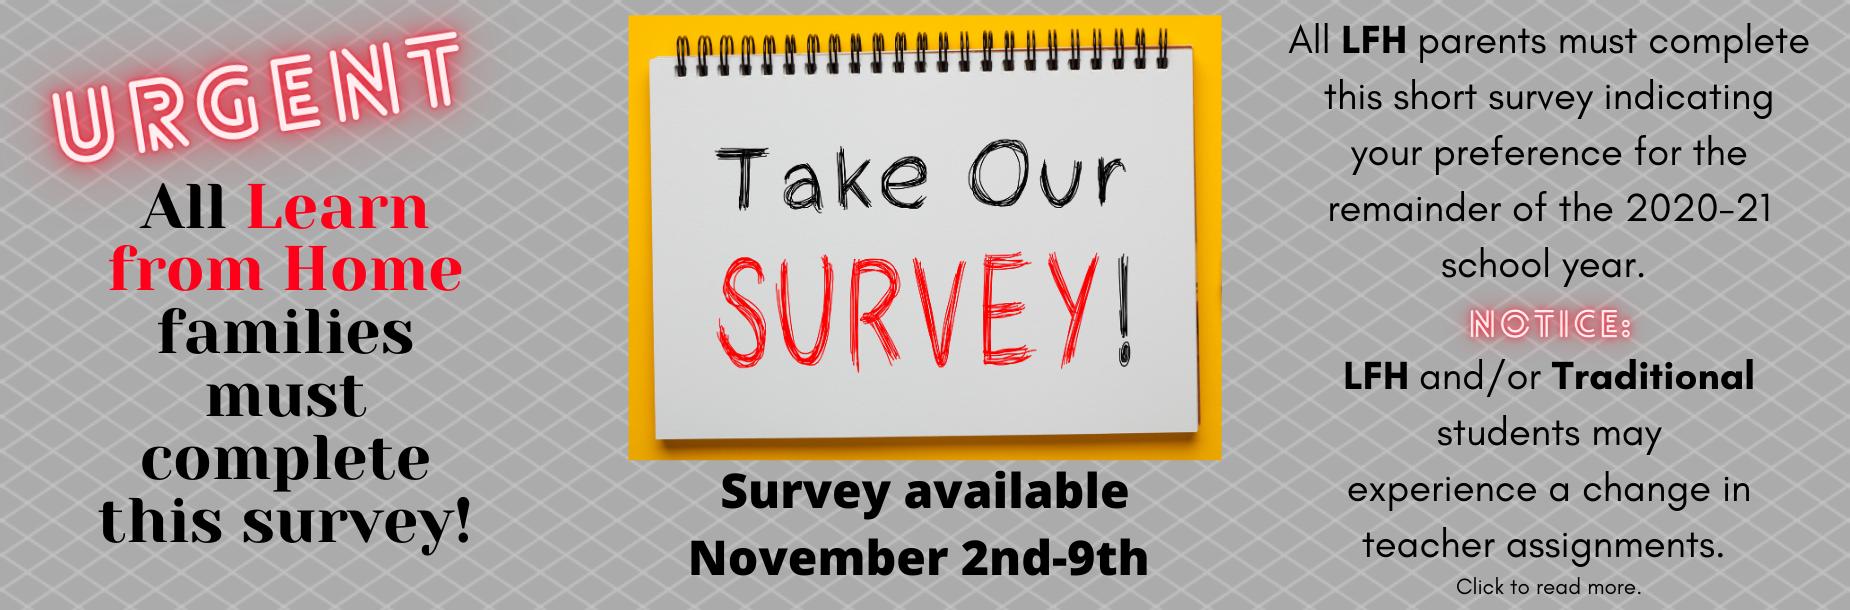 LFH parent survey